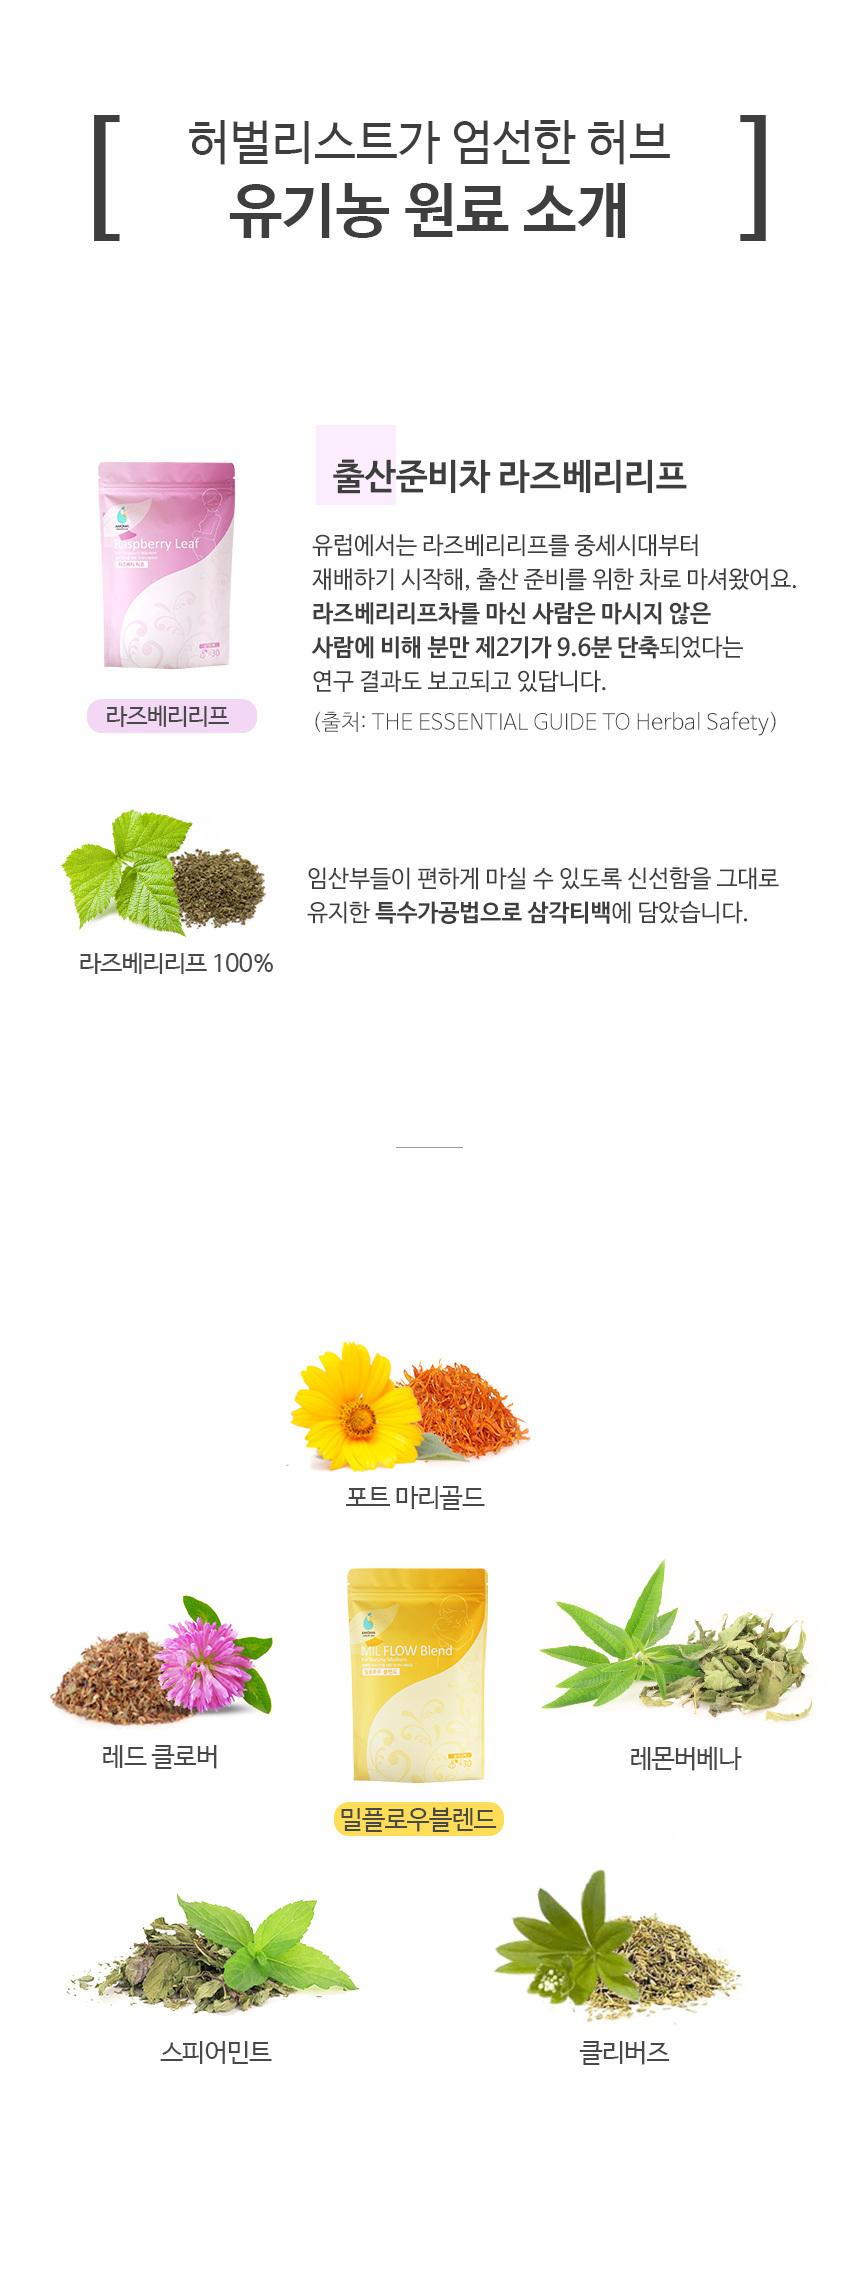 라즈밀플 유기농원료